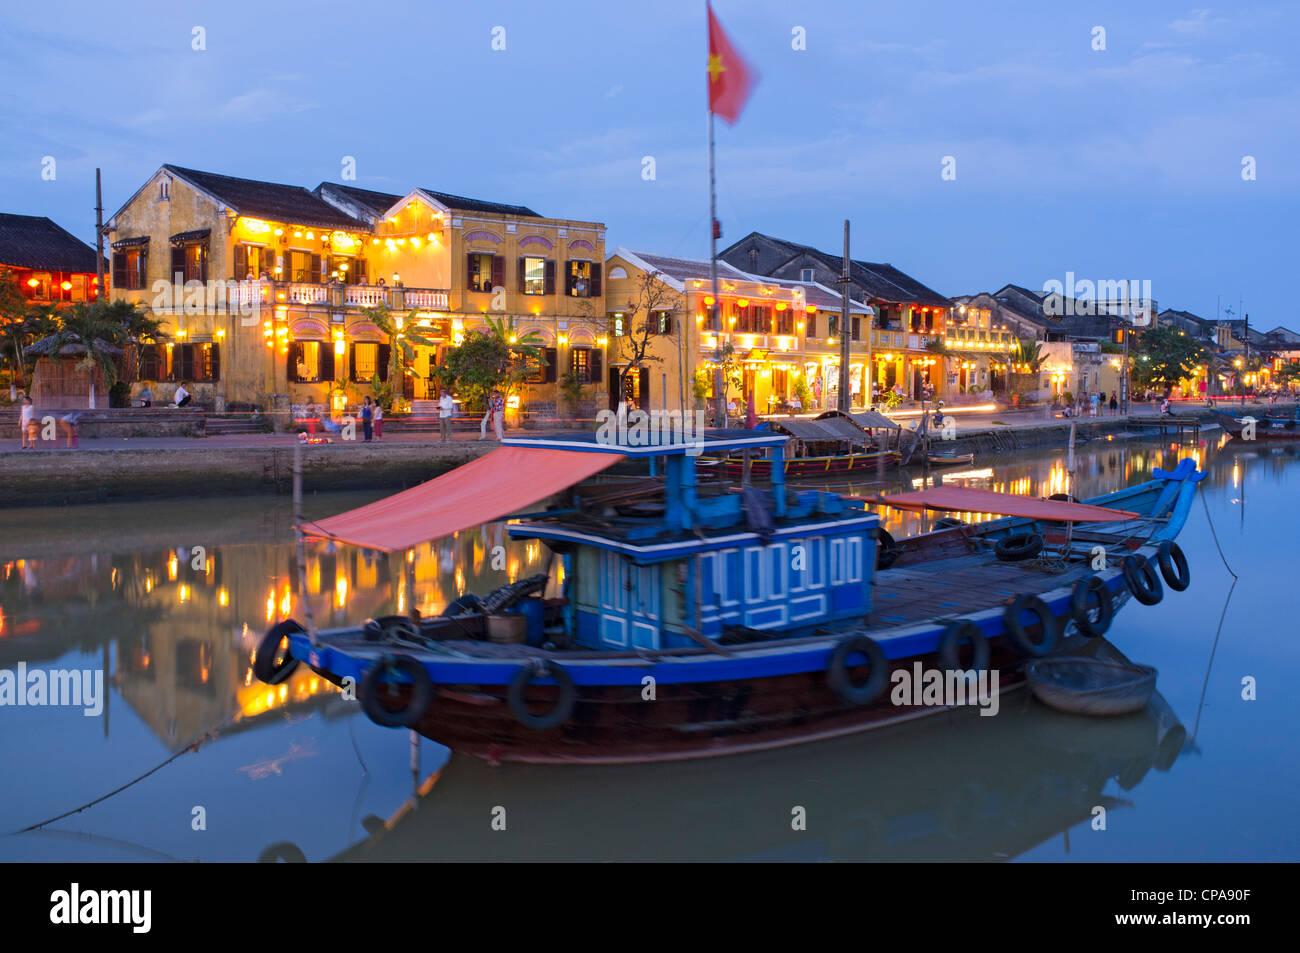 La tombée de la patrimoine mondial de l'UNESCO ville de Hoi An au Vietnam Photo Stock